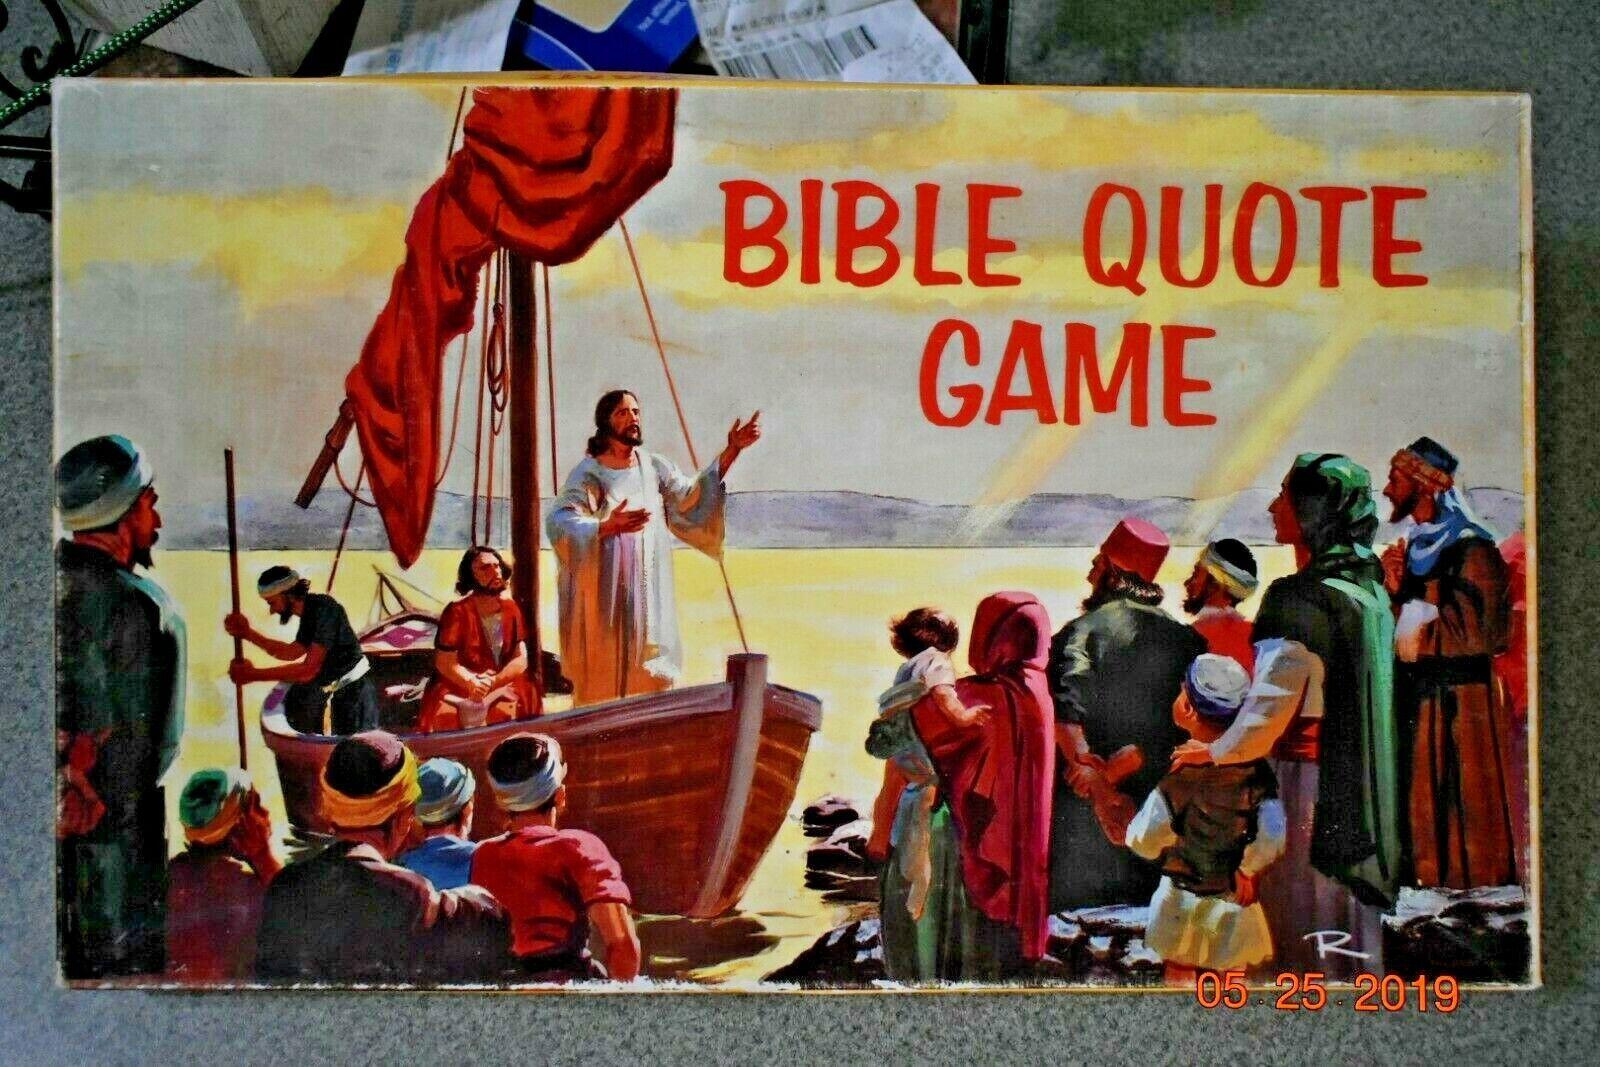 Bibel Zitat Spiel 1969 Brettspiel von Review und Herald Publishing Association